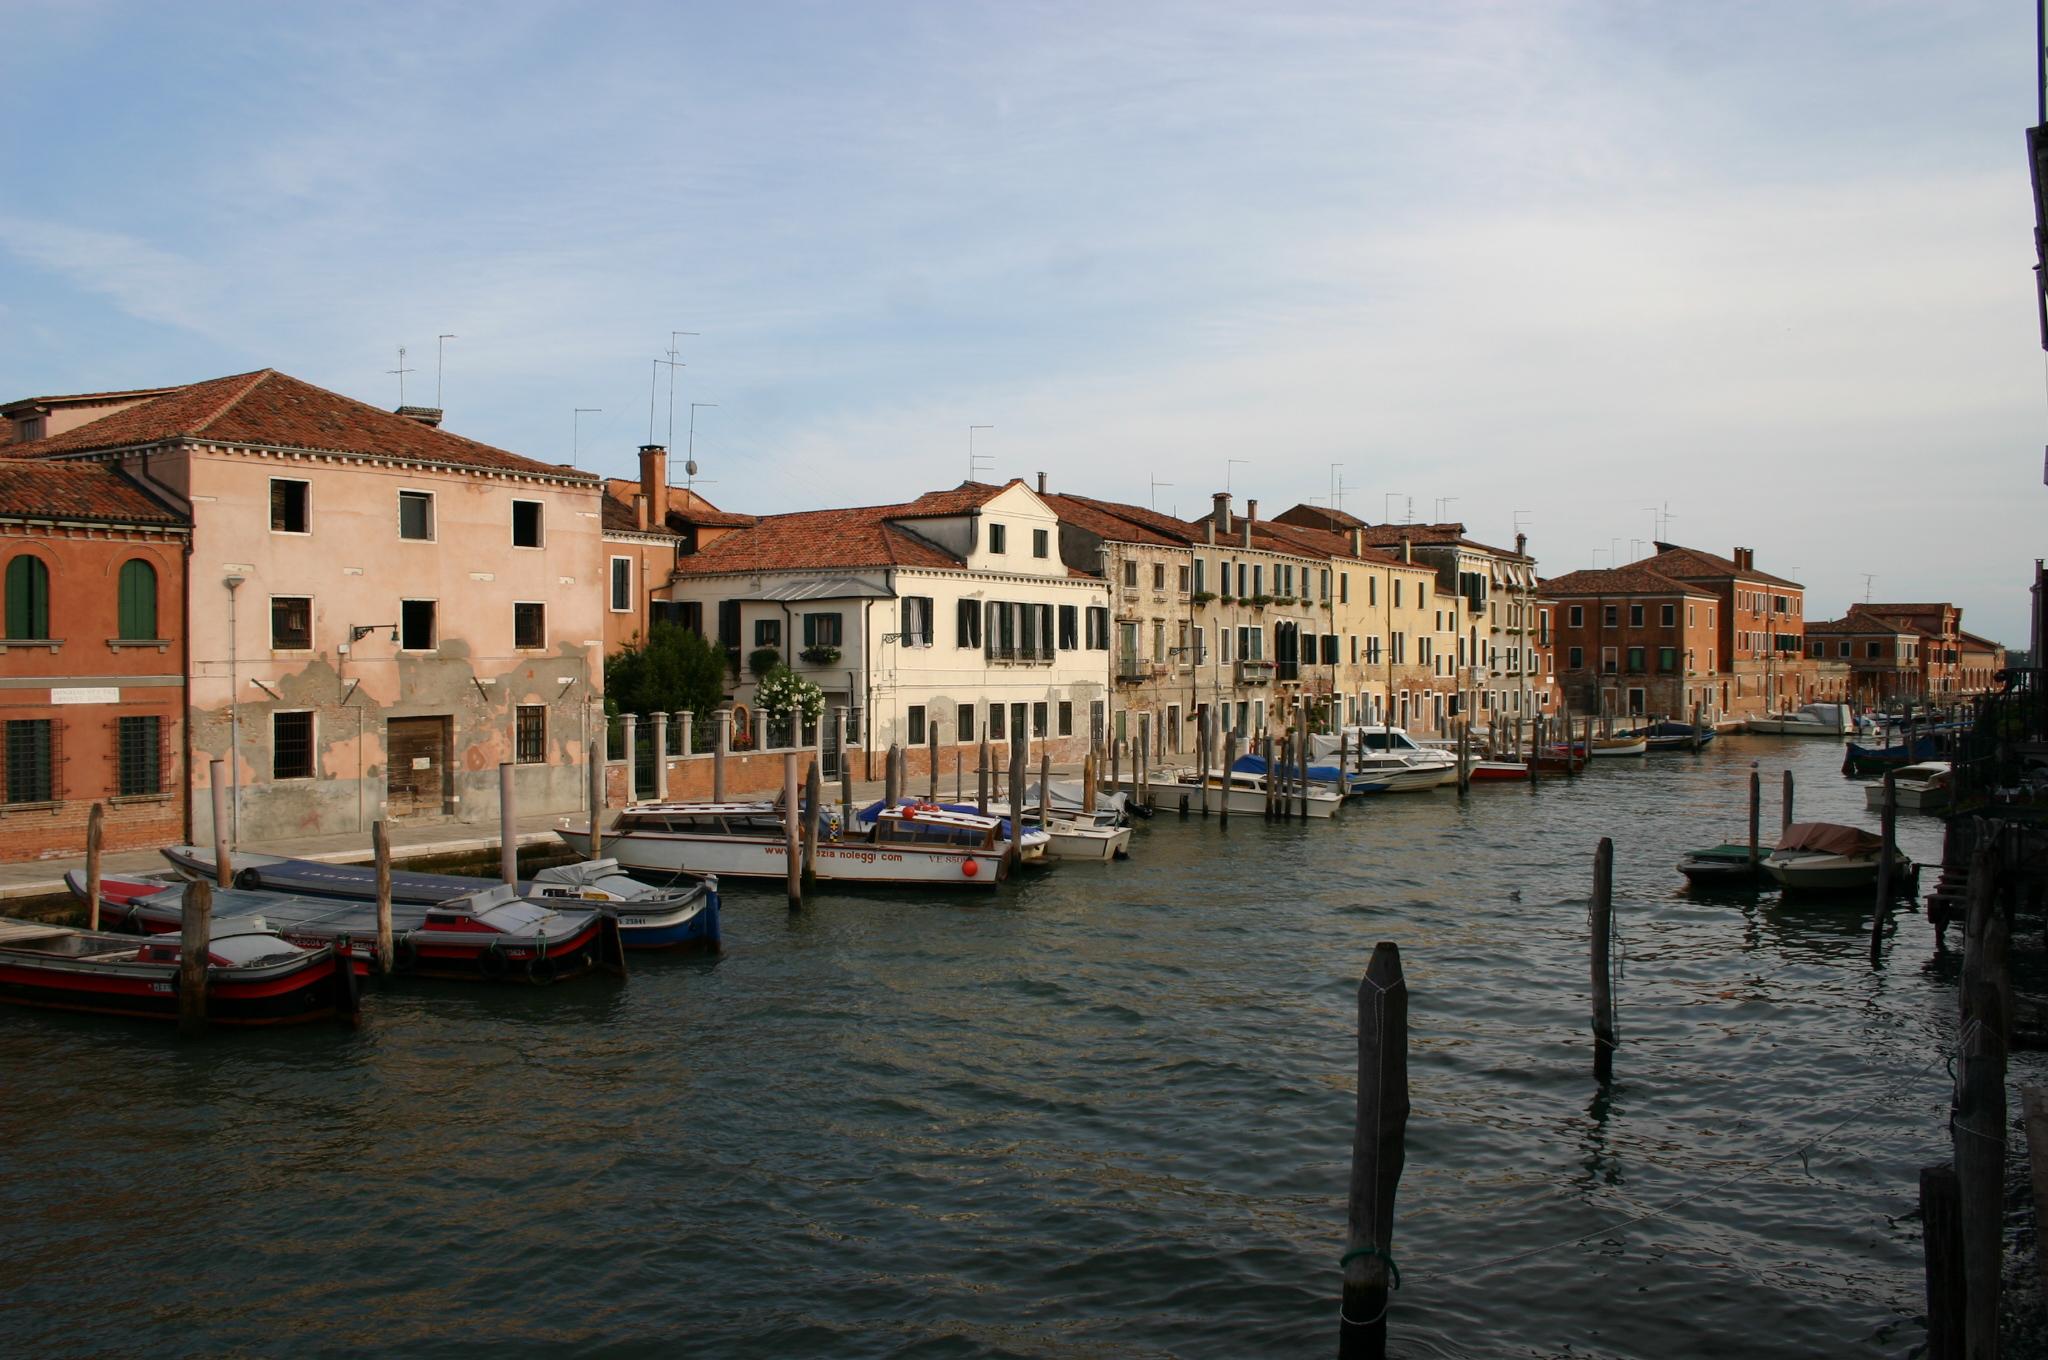 https://upload.wikimedia.org/wikipedia/commons/e/eb/6122_-_Venezia_-_Giudecca_-_Rio_Ponte_Longo_-_Foto_Giovanni_Dall'Orto_-_6-Aug-2008.jpg